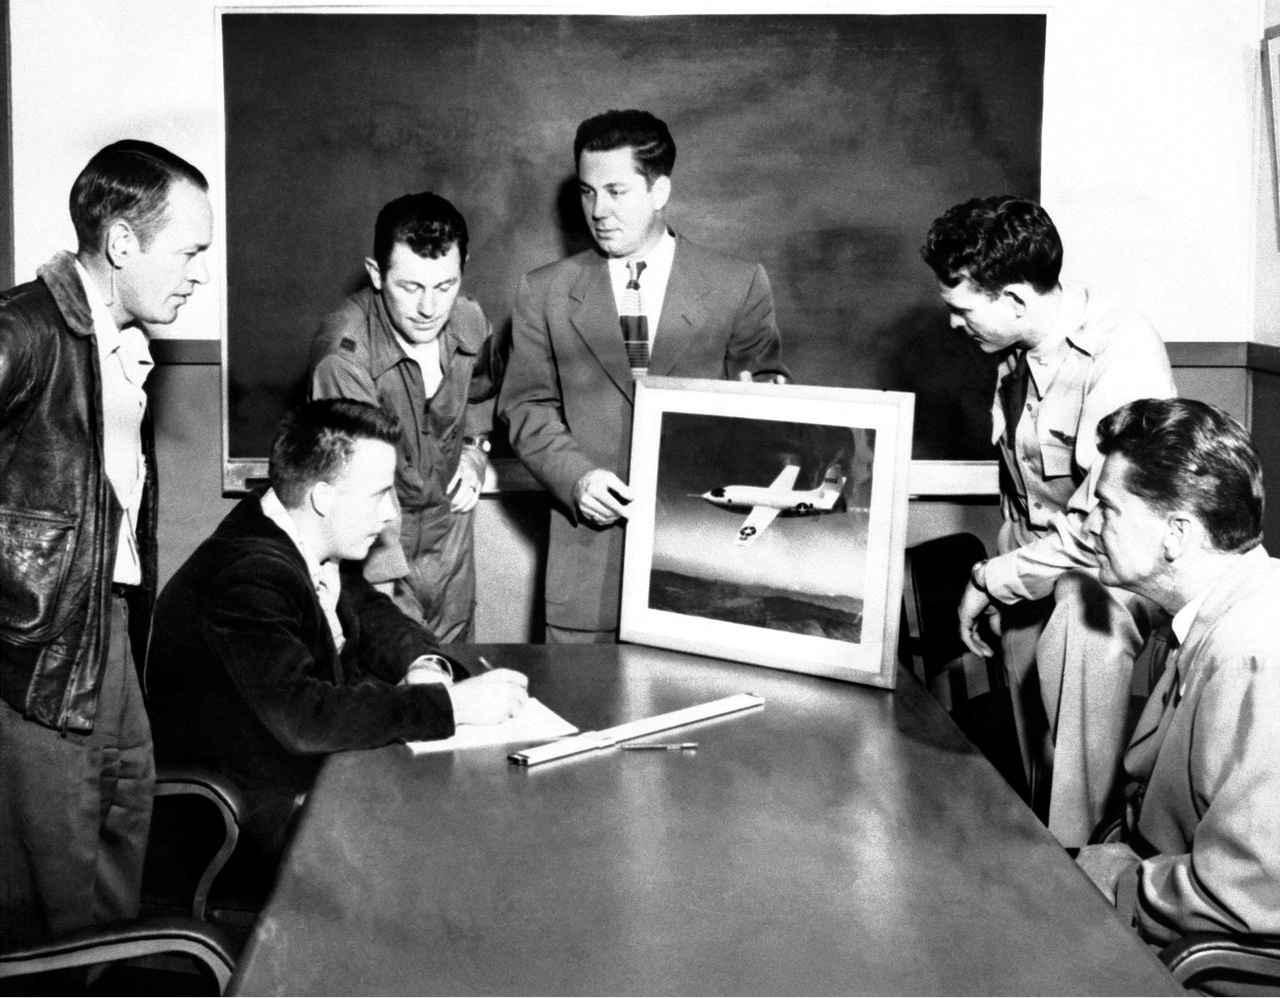 """Az XS-1 projekt fő alakjai, balról jobbra: Joseph Vensel (operatív igazgató), Gerald Truszynski (mérésügyi főnök), Charles """"Chuck"""" Yeager kapitány (pilóta), Walter Williams (csoportvezető), Jack Ridley őrnagy (pilóta) és De E. Beeler, főmérnök (1947)"""